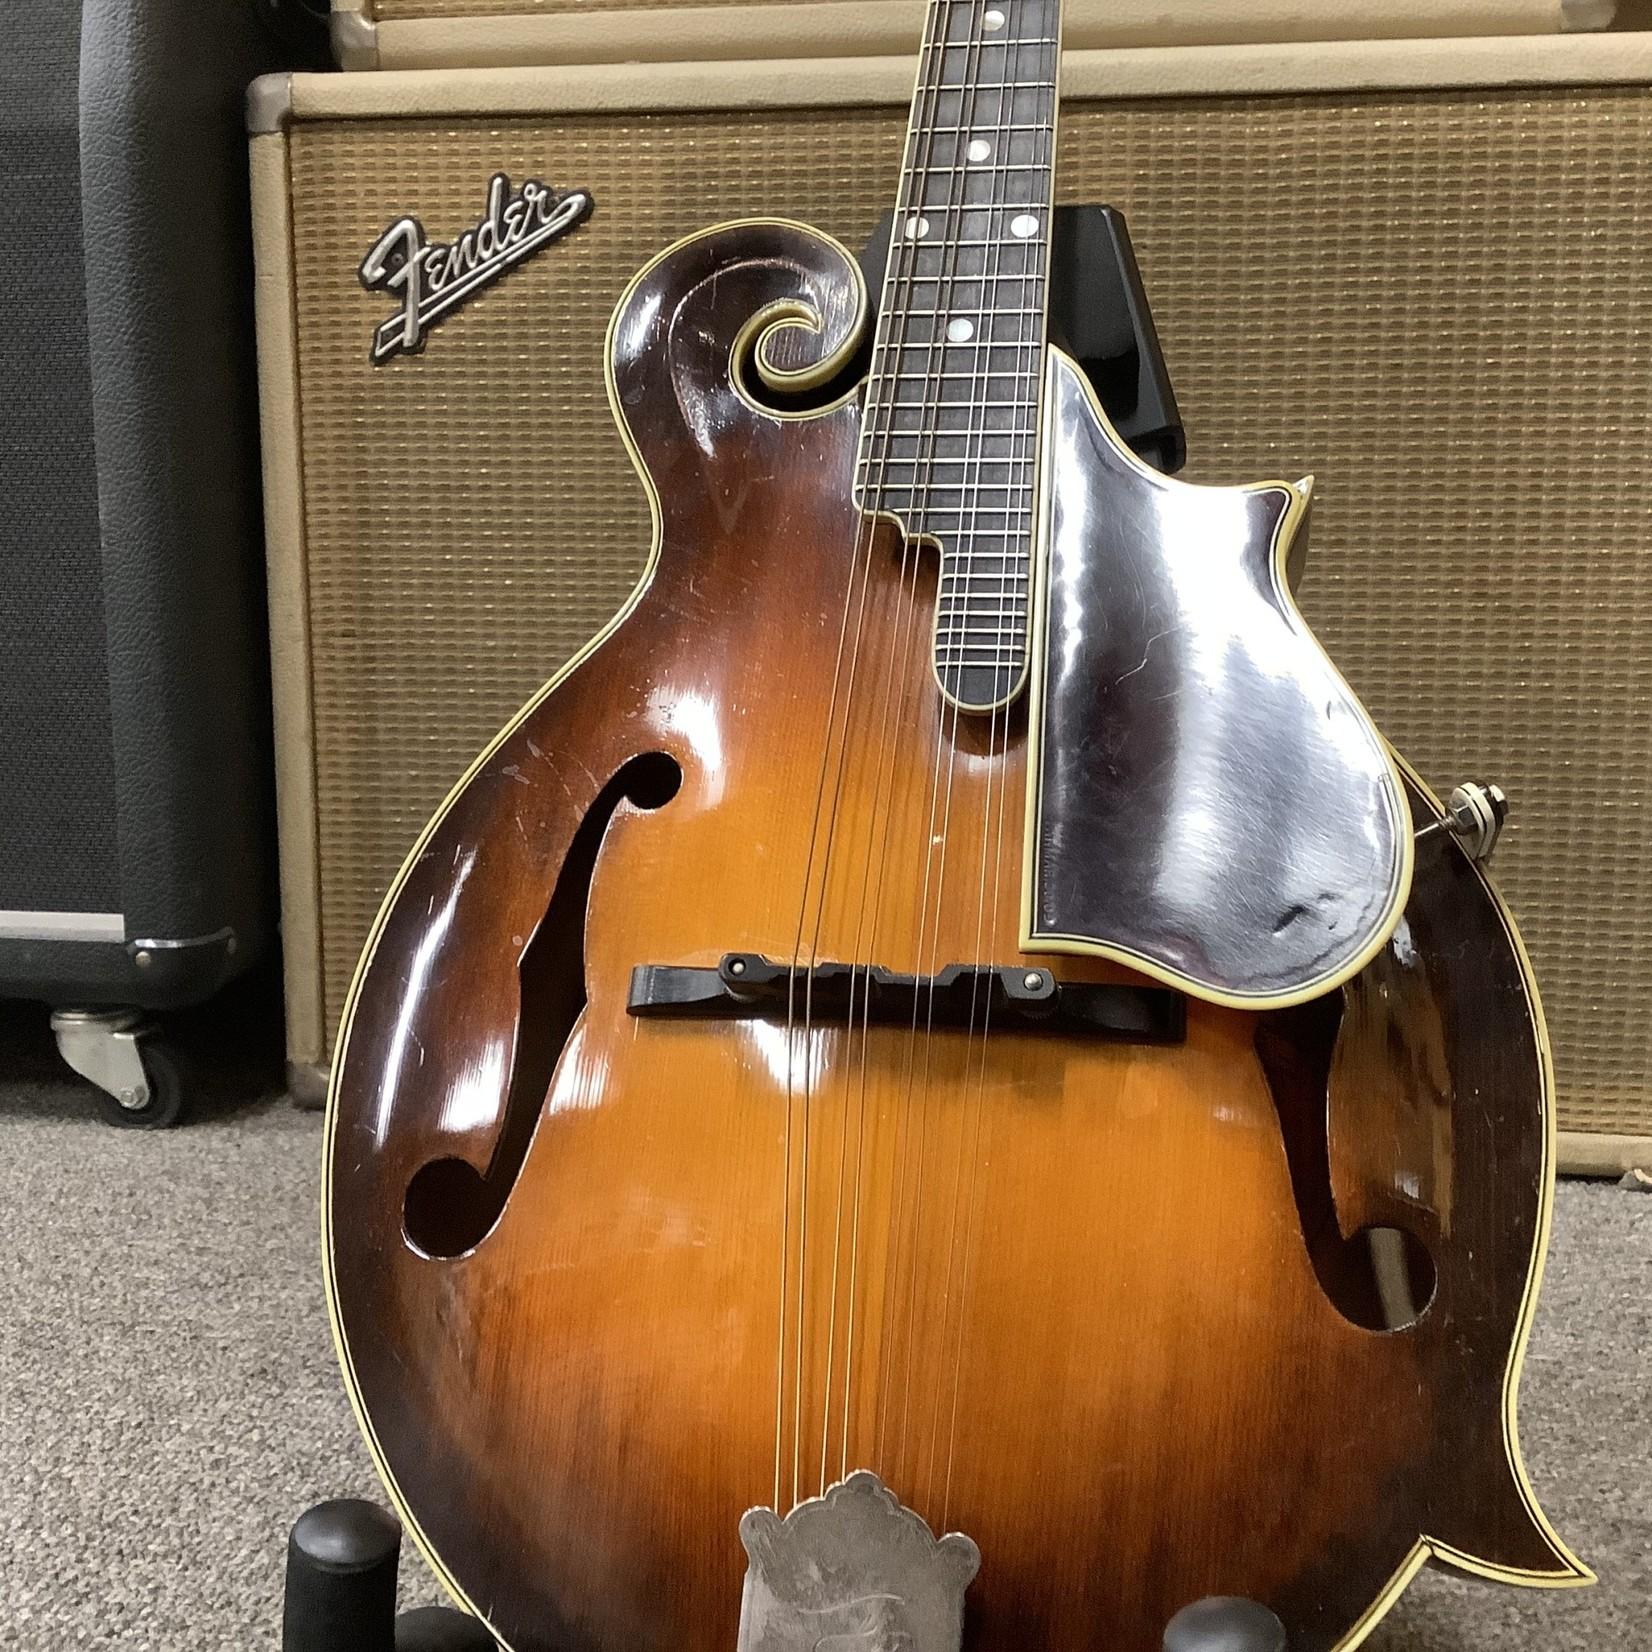 Gibson 1923 Gibson Lloyd Loar F-5 Mandolin